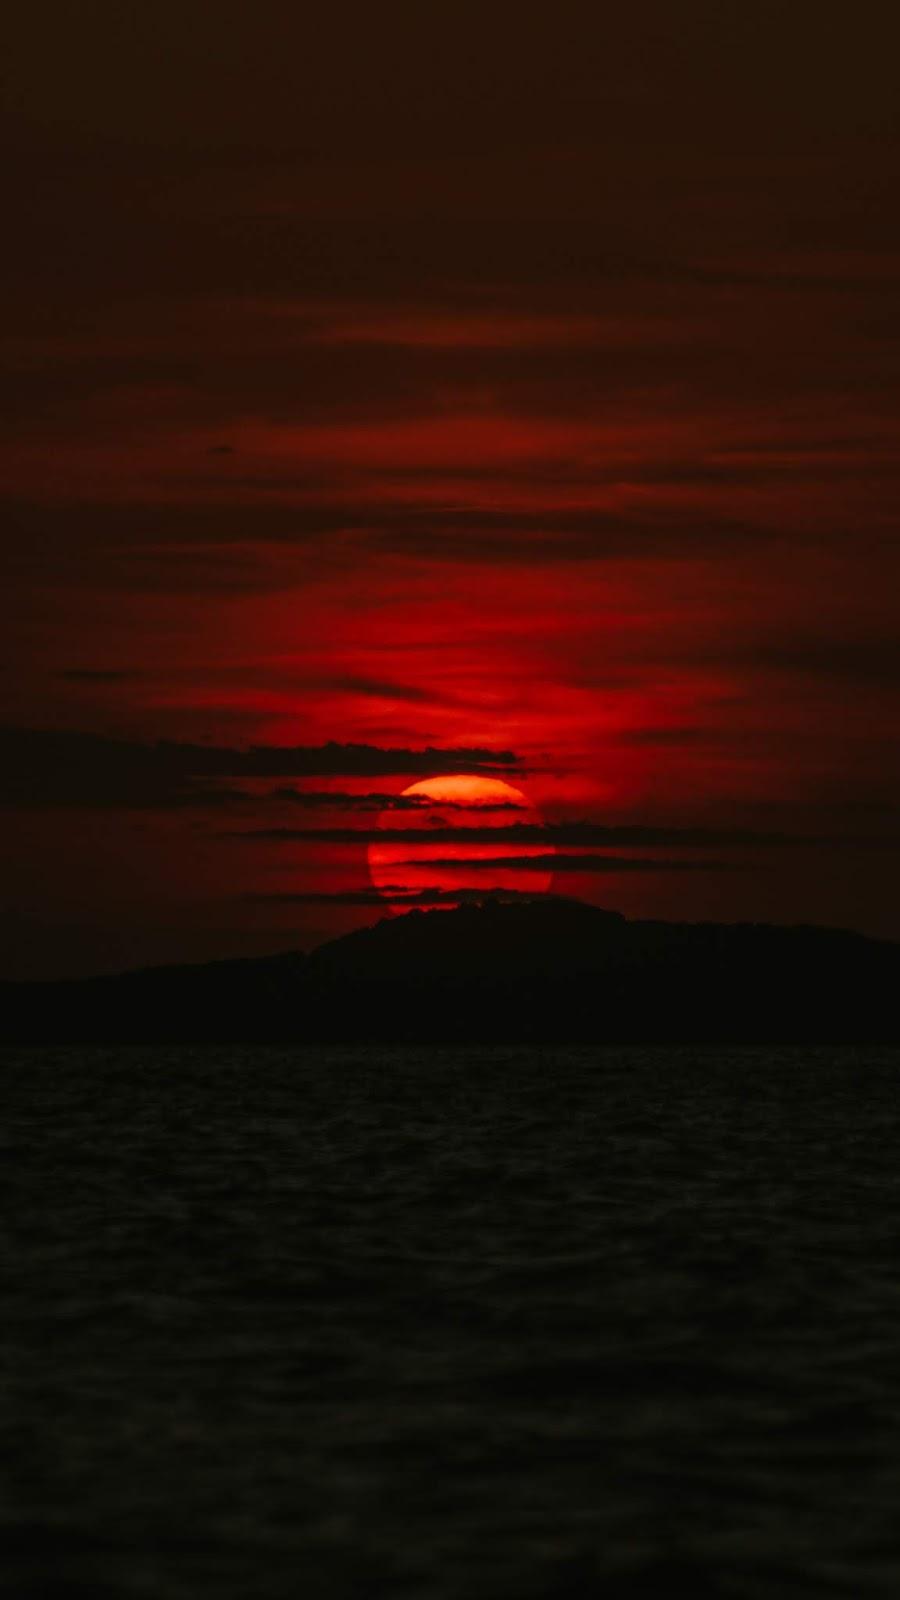 Red sunset in the dark night